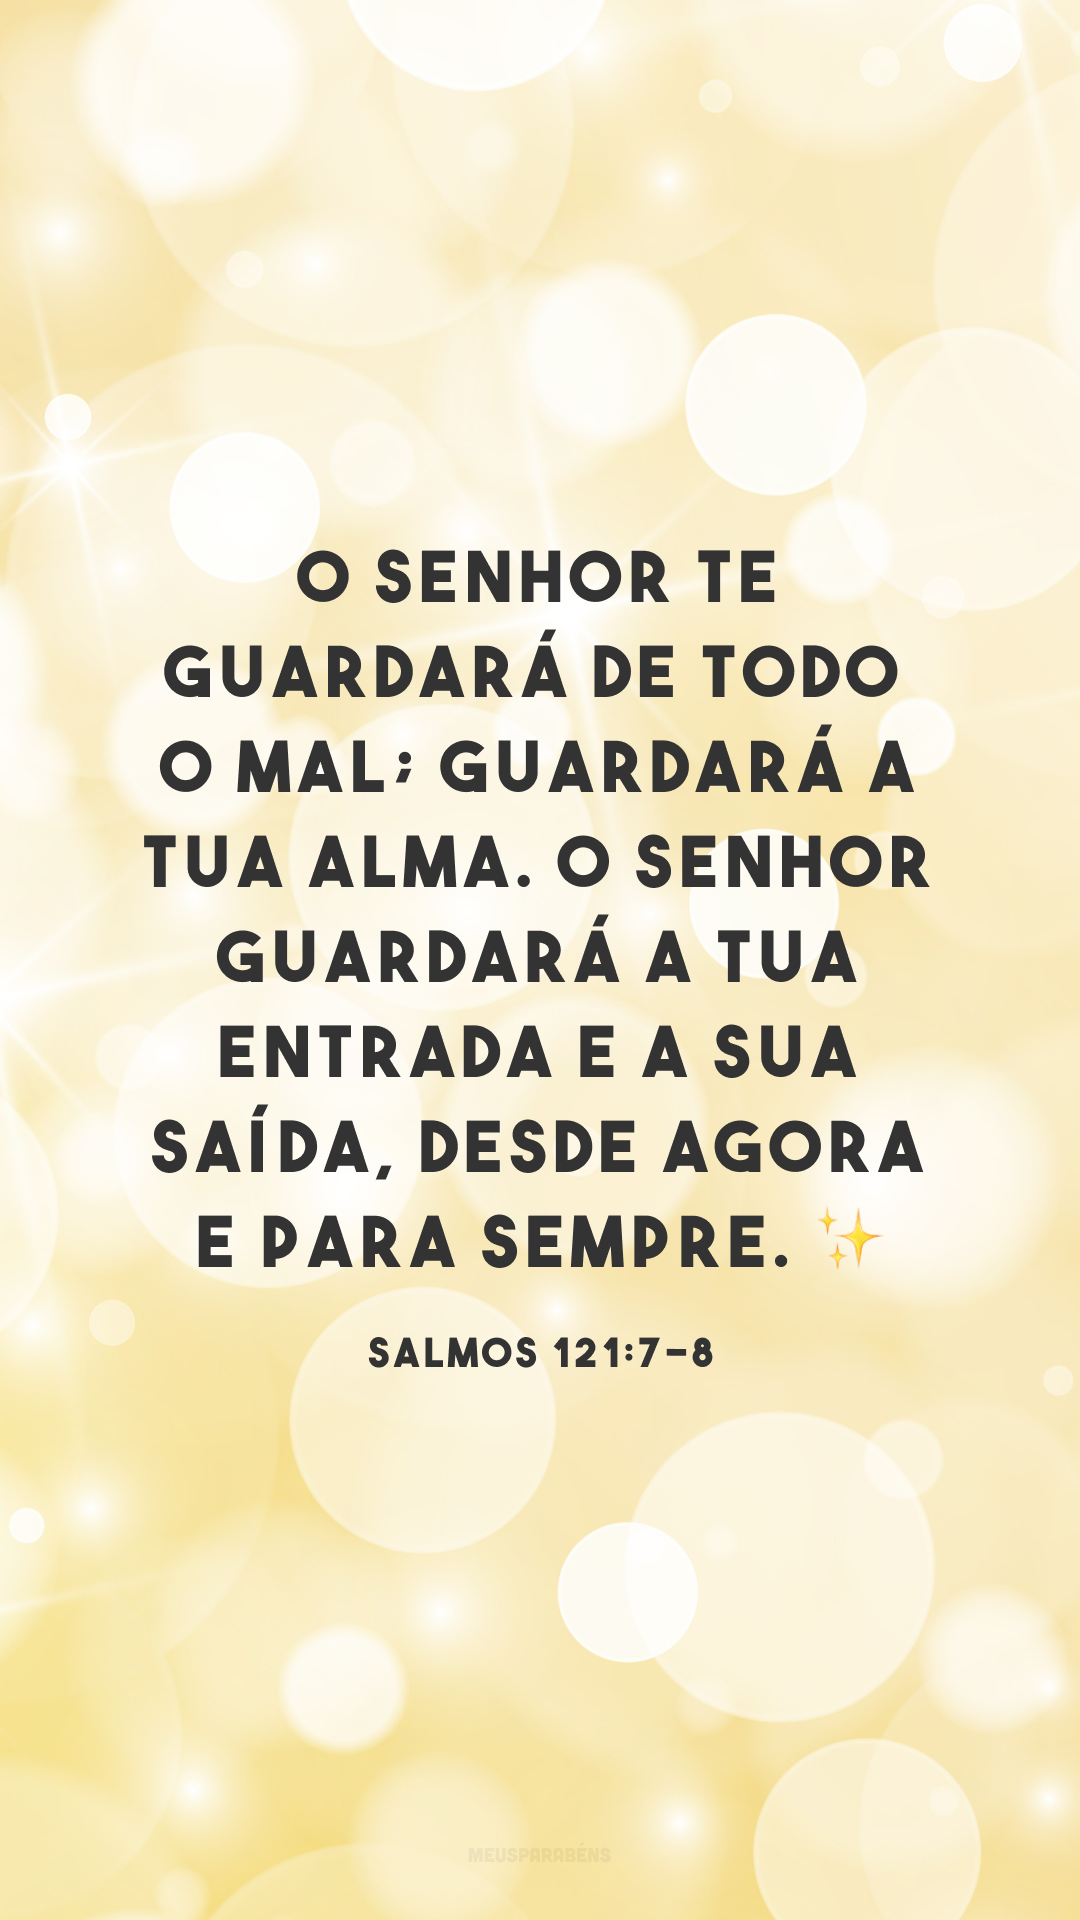 O Senhor te guardará de todo o mal; guardará a tua alma. O Senhor guardará a tua entrada e a sua saída, desde agora e para sempre. ✨